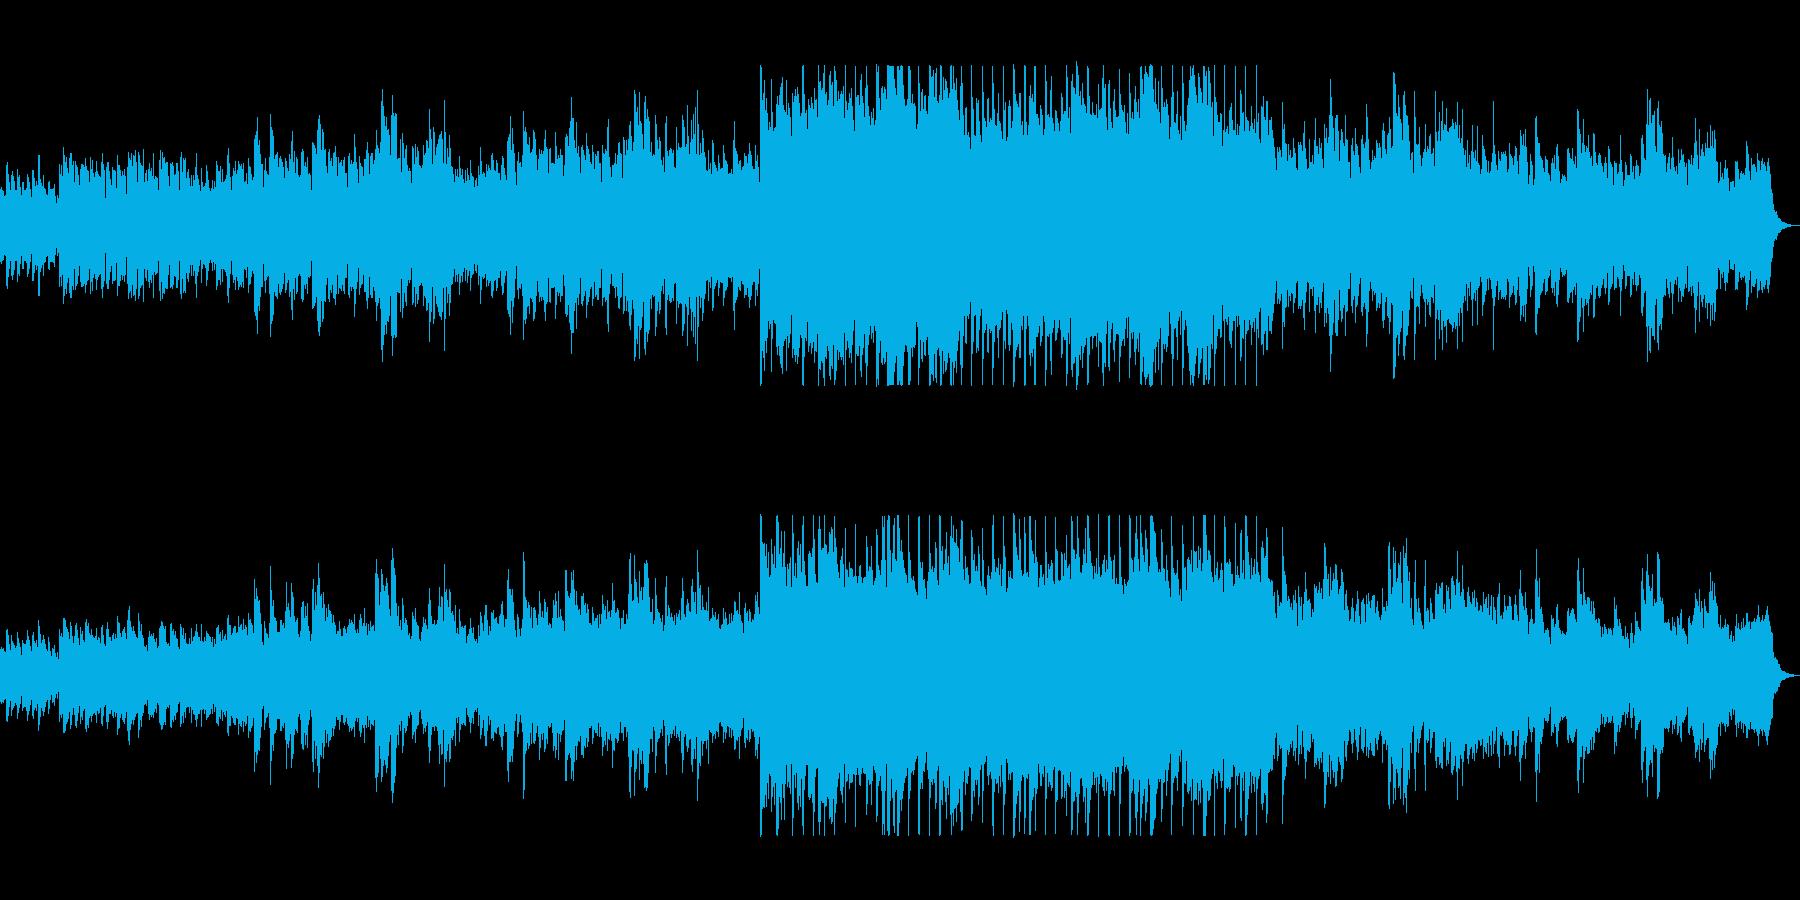 明るく爽やかギターピアノサウンドの再生済みの波形